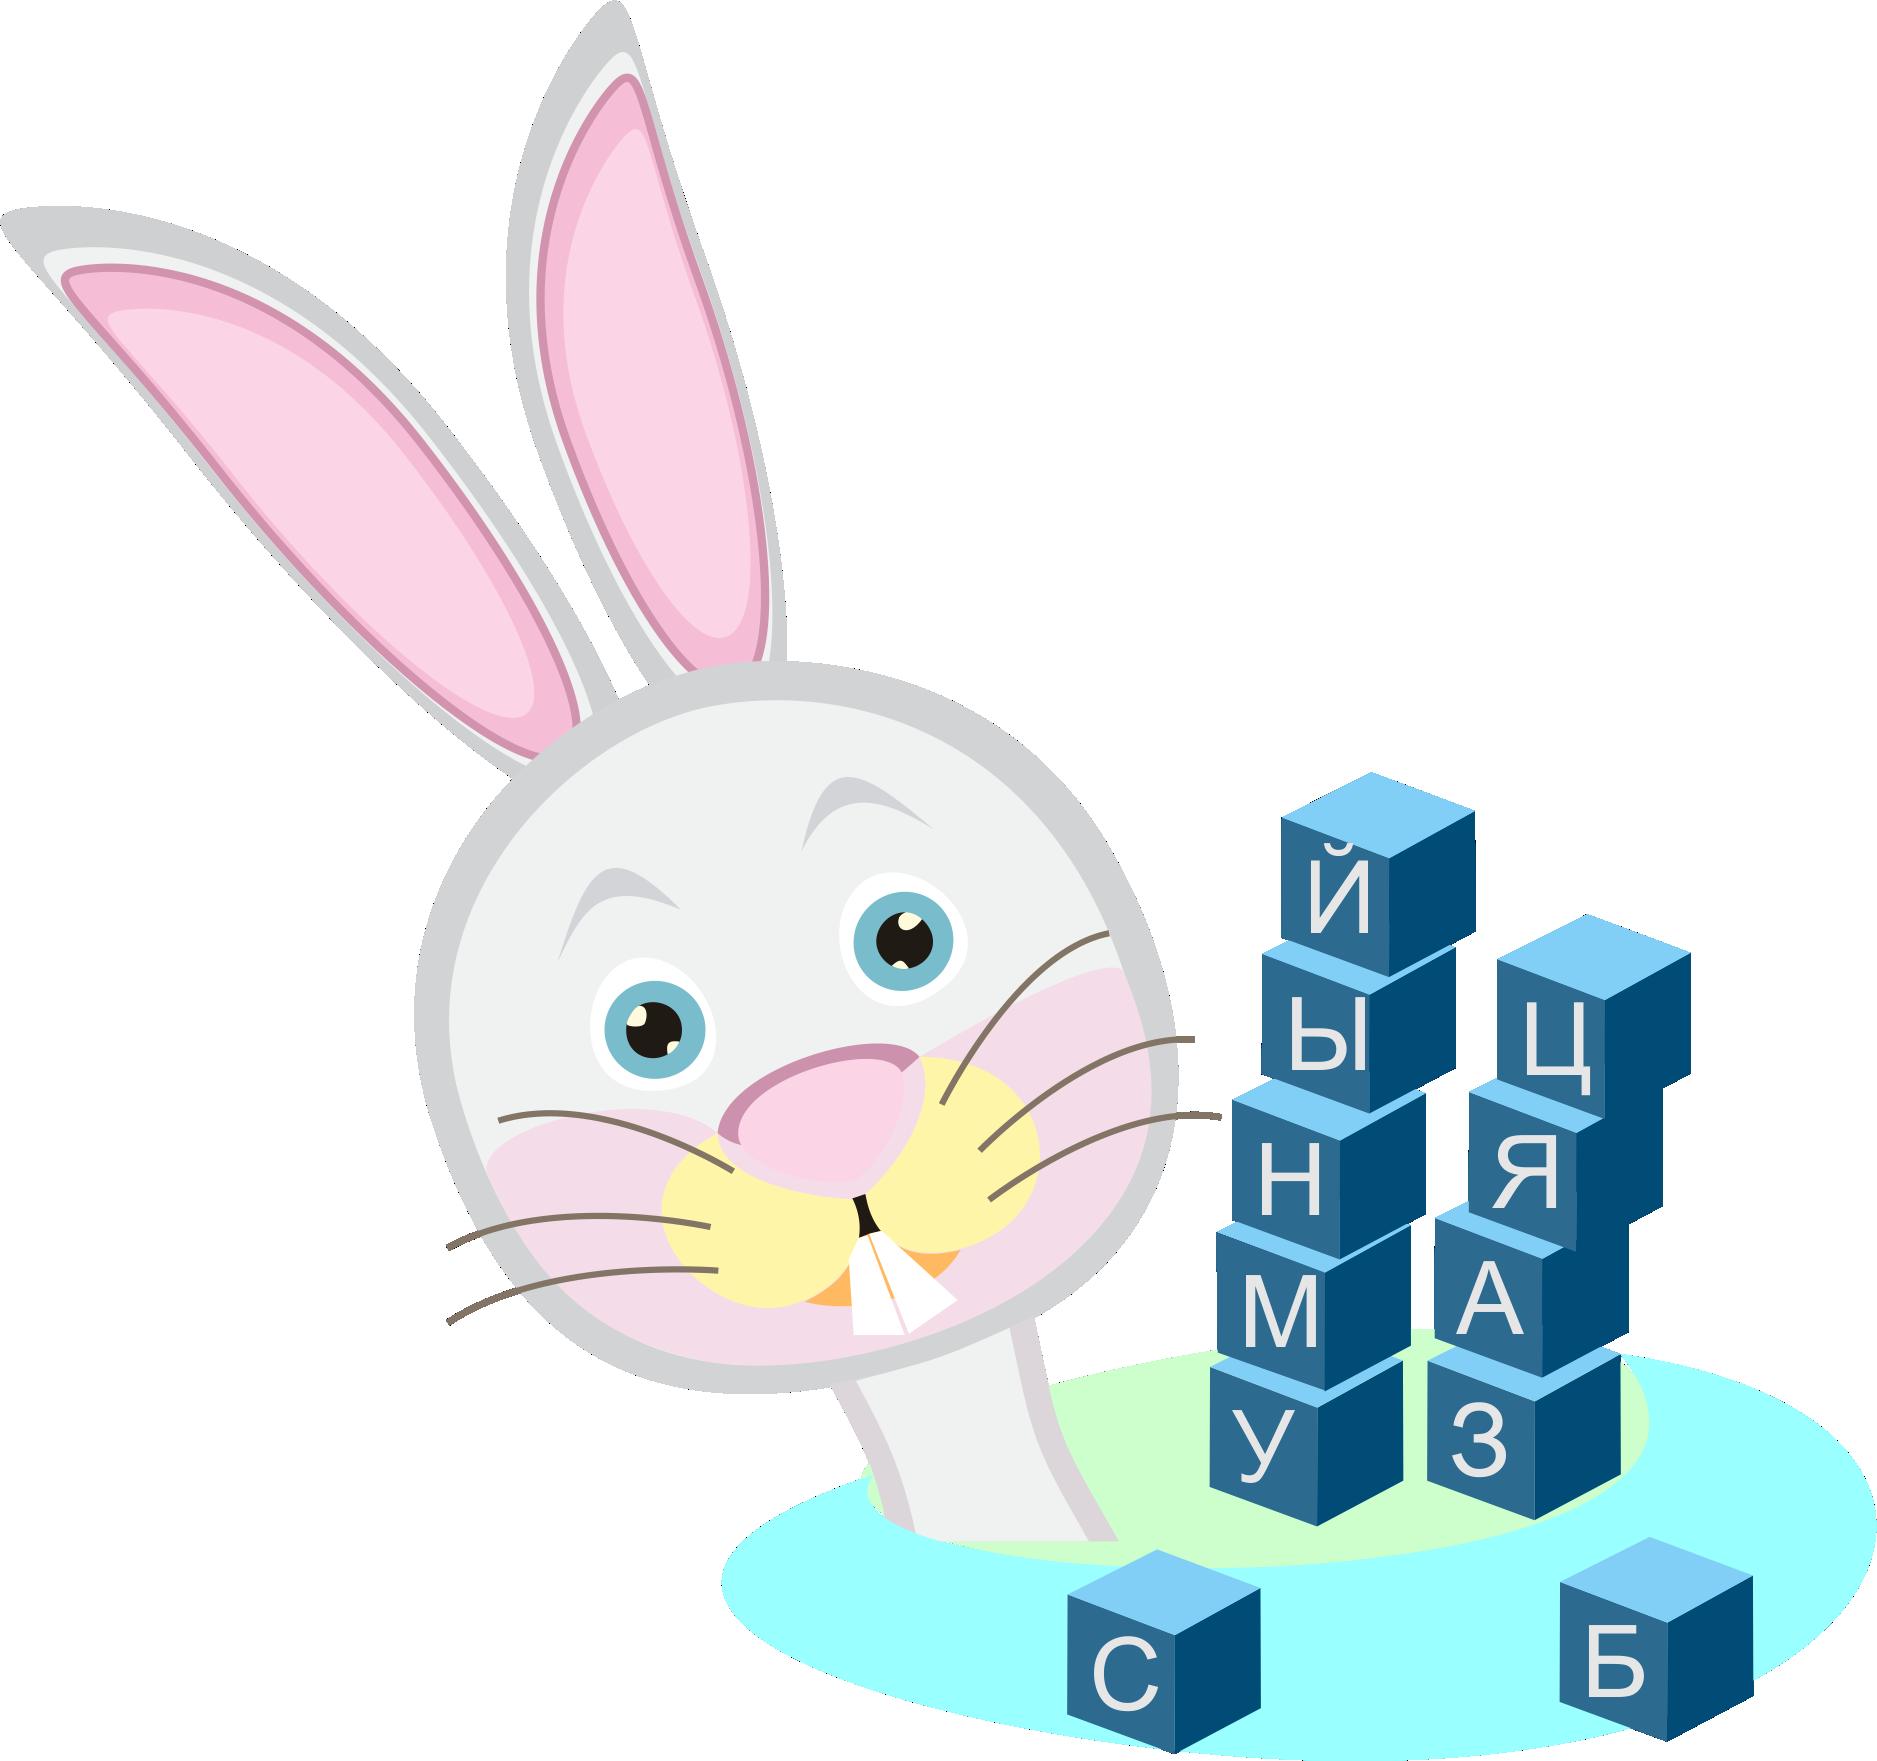 Разработать логотип и фирменный стиль детского клуба фото f_47155649a4172be5.png